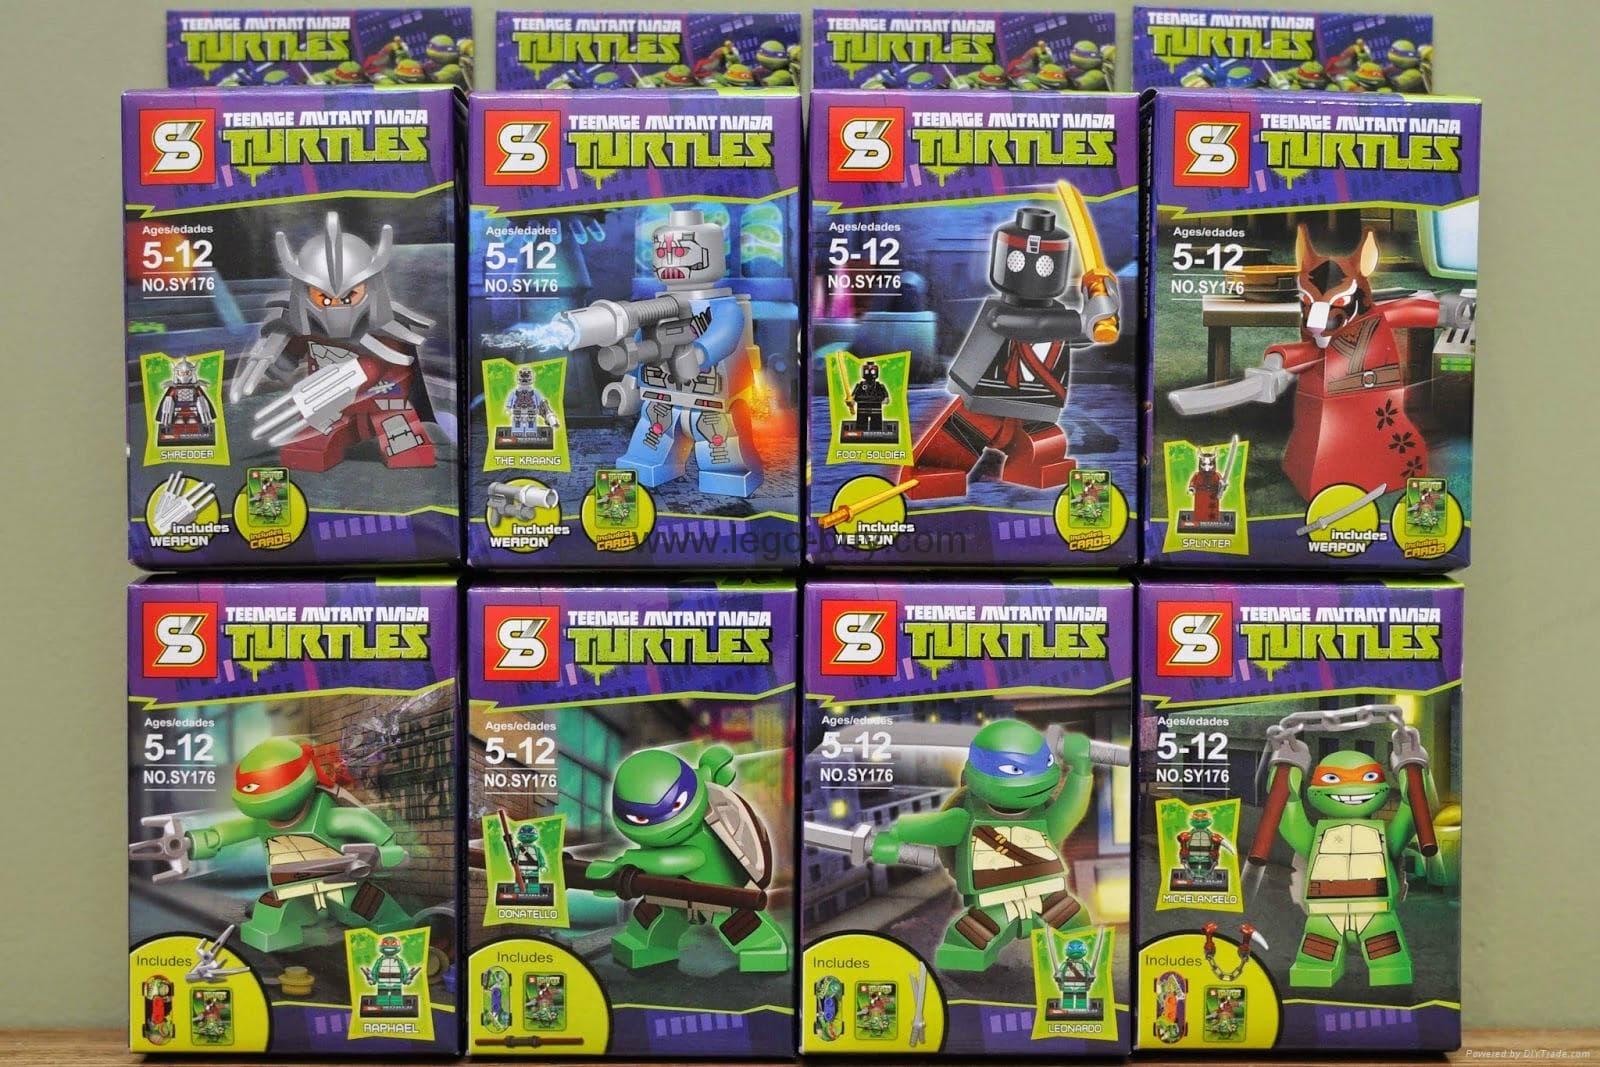 Lego Teenage Ninja Turtles Toys : Lego teenage mutant ninja turtles buy com from bpk